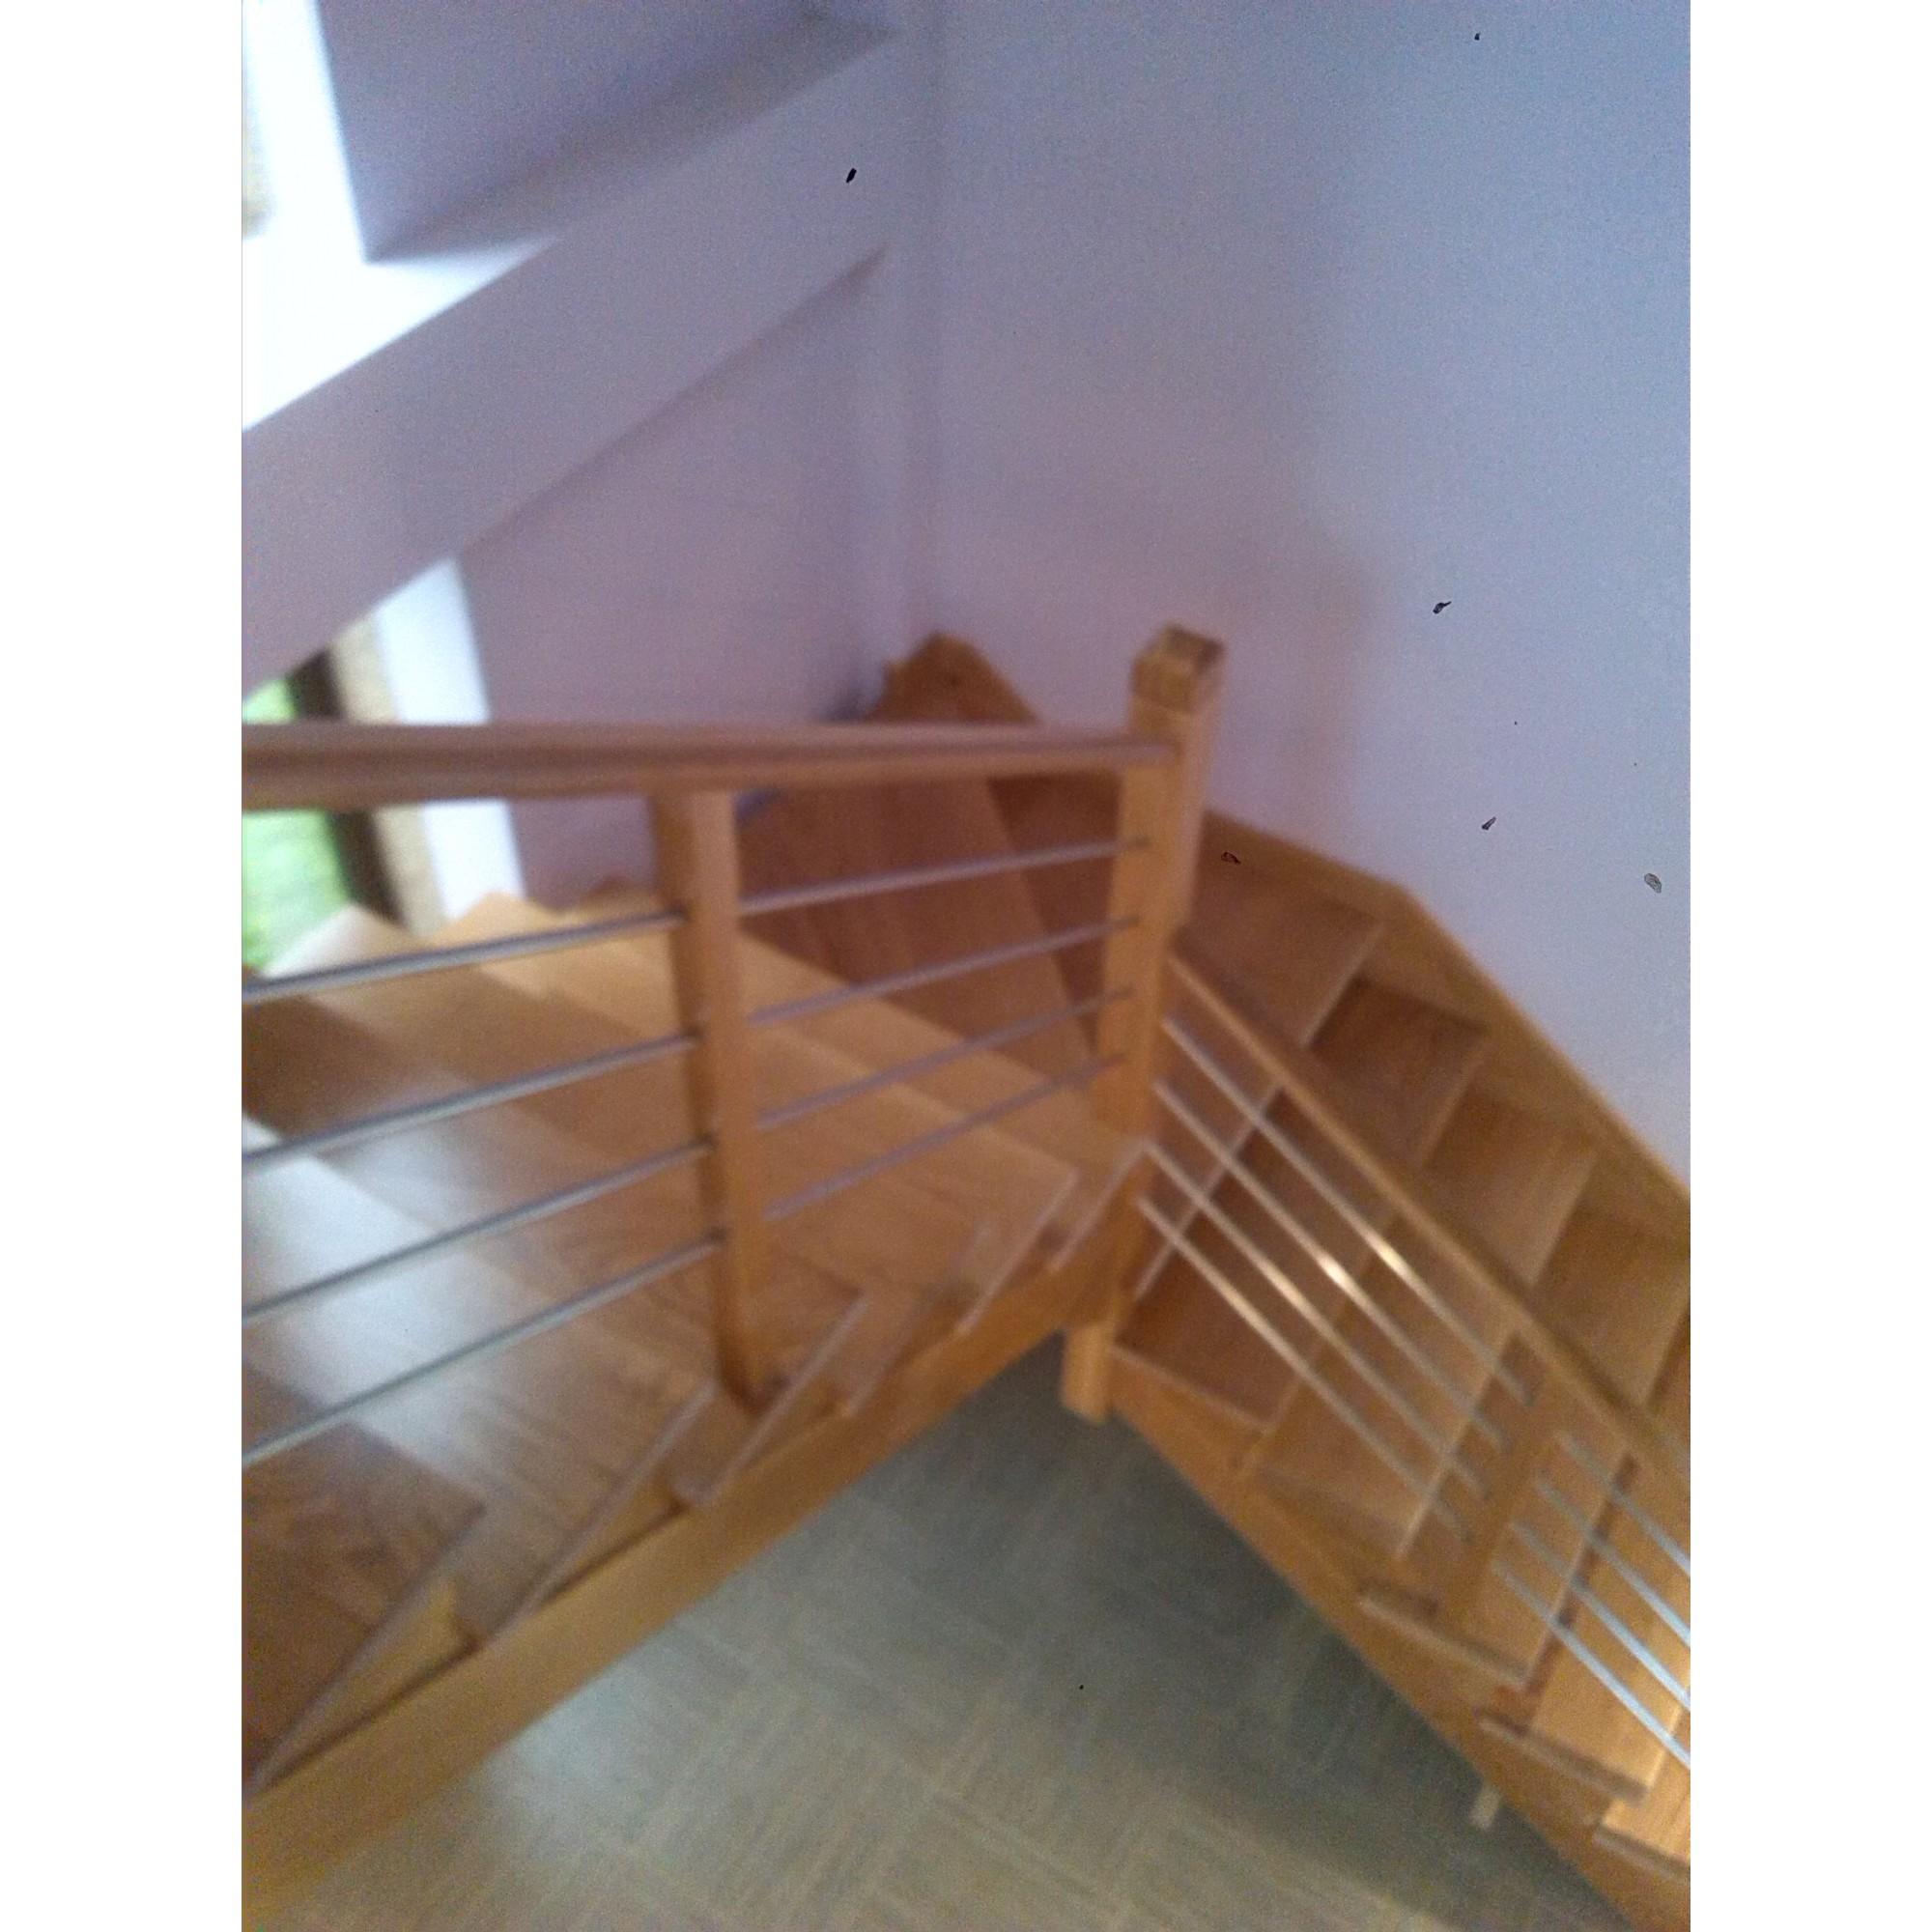 Escalera de interior a medida con madera - Escalera de madera interior ...